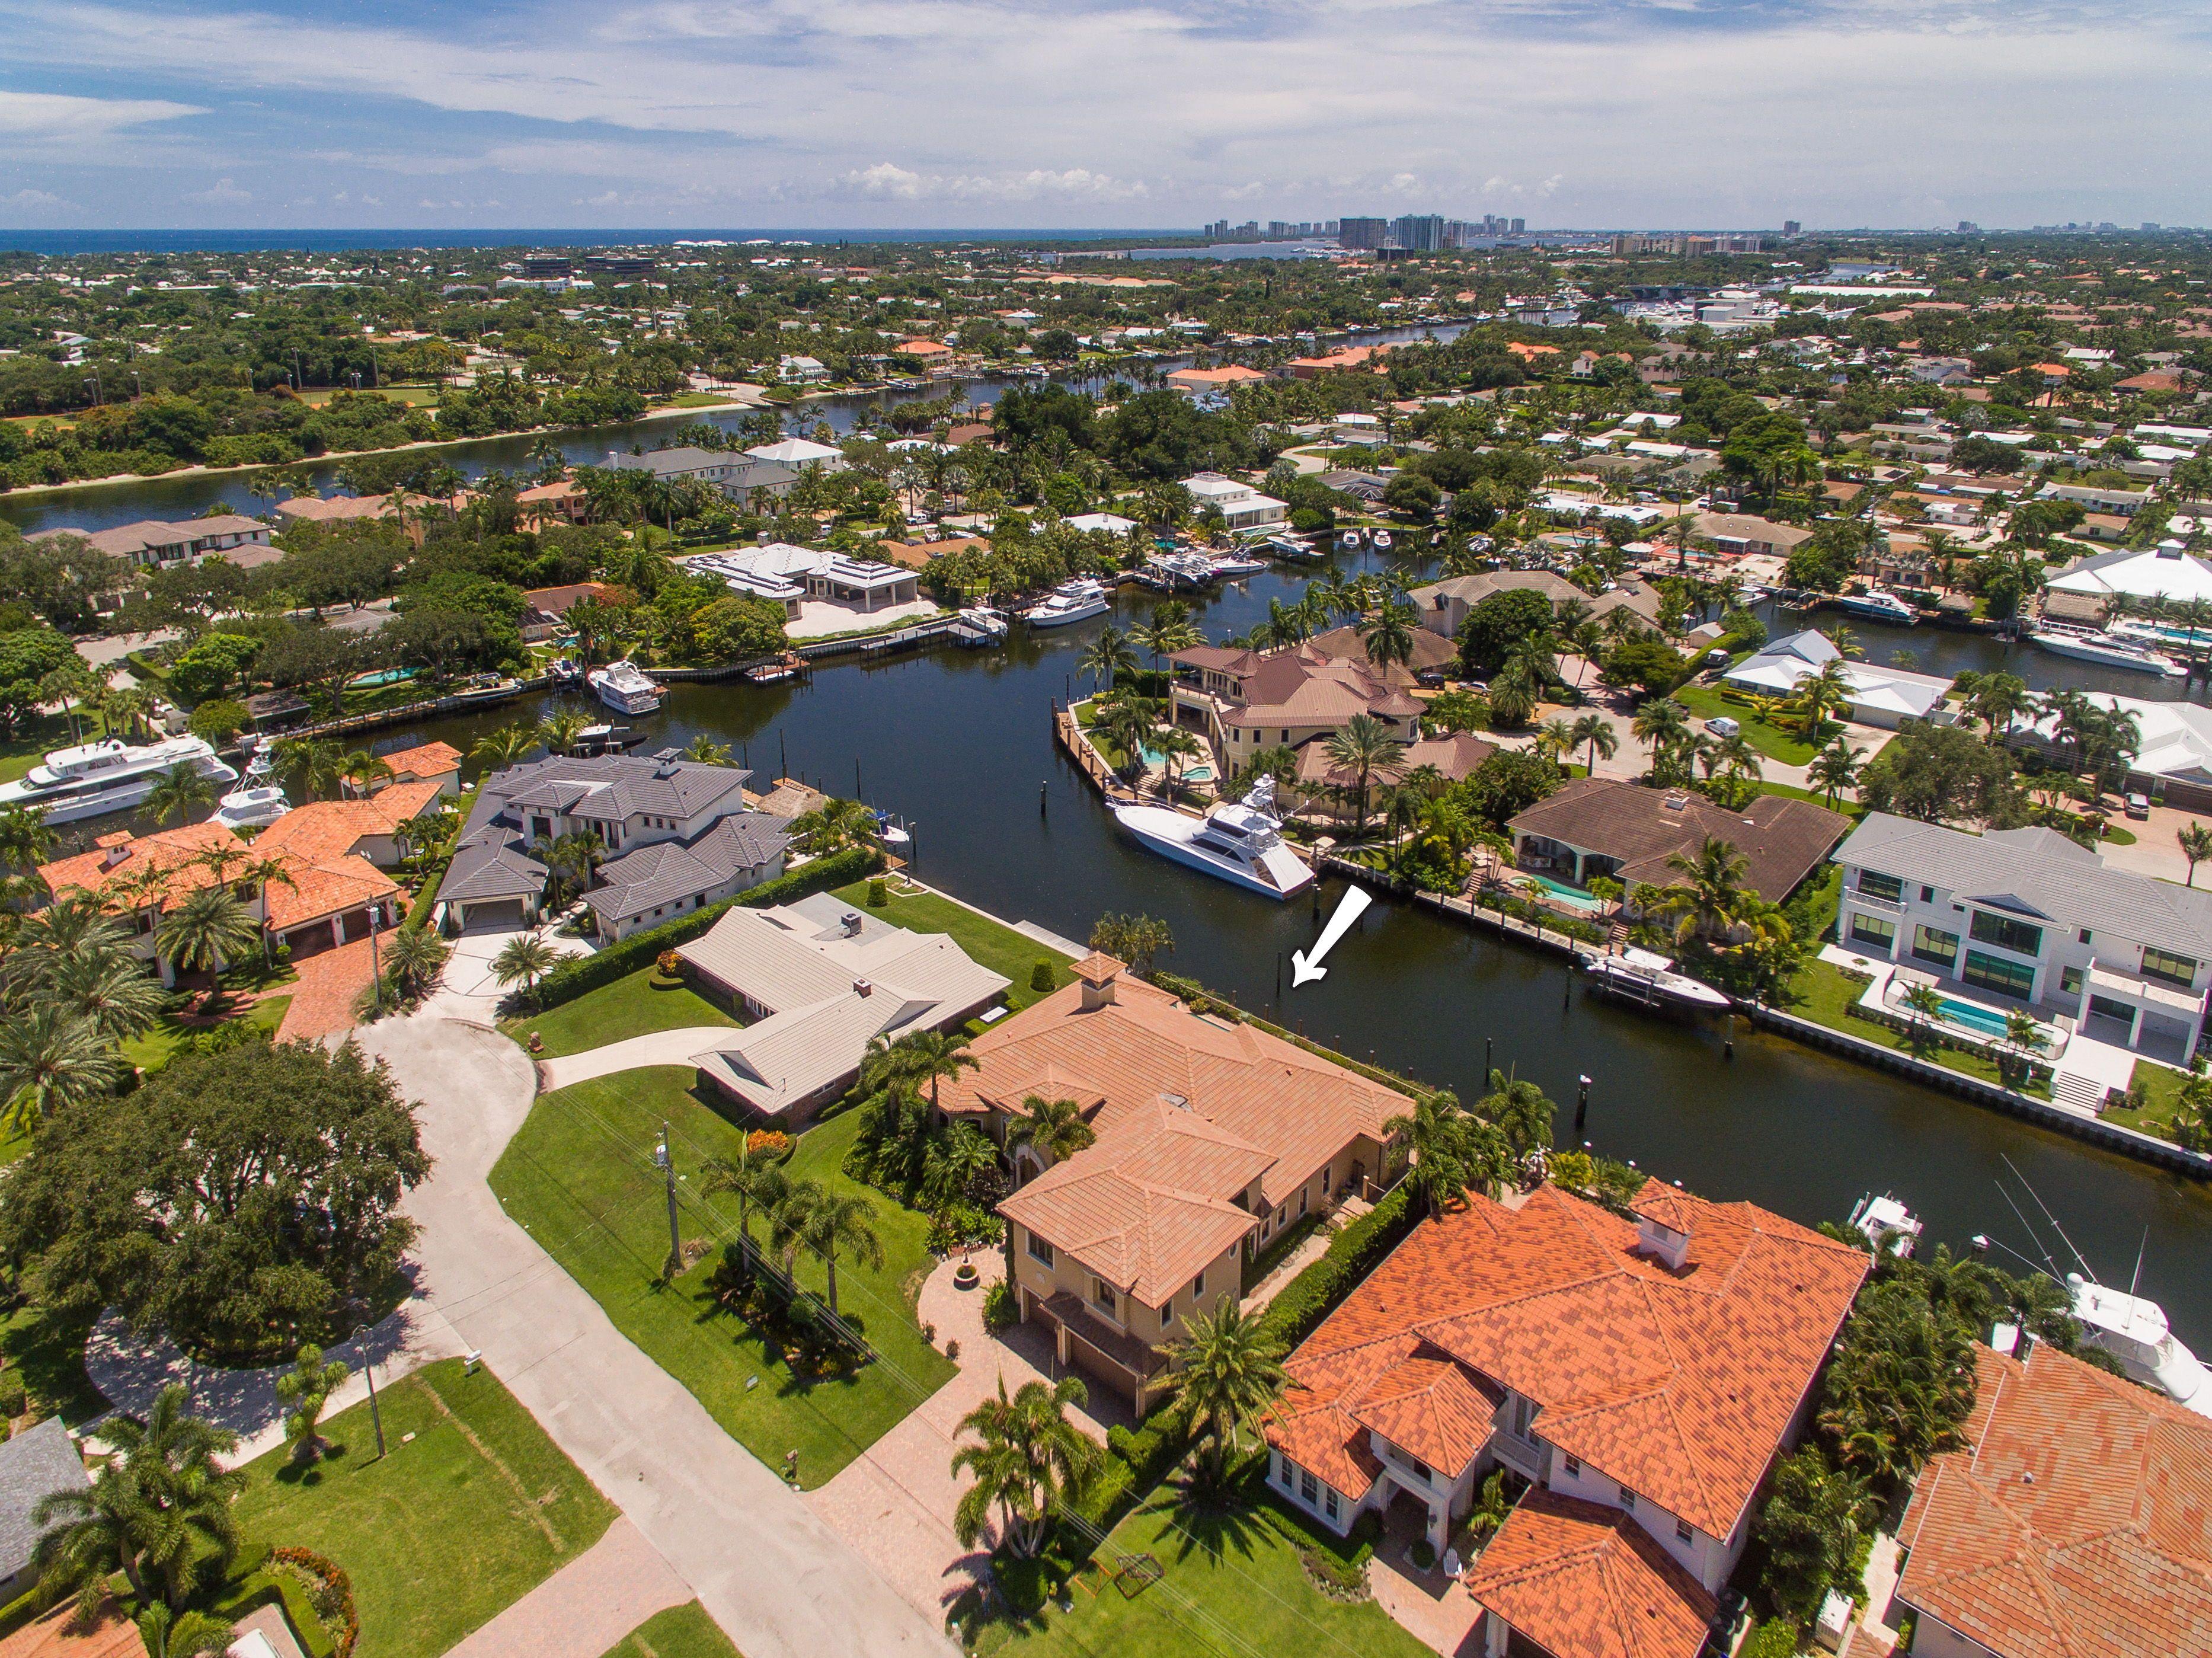 06ef7d86e0caa530e098e24454604aaa - Palm Beach Gardens Average Home Price